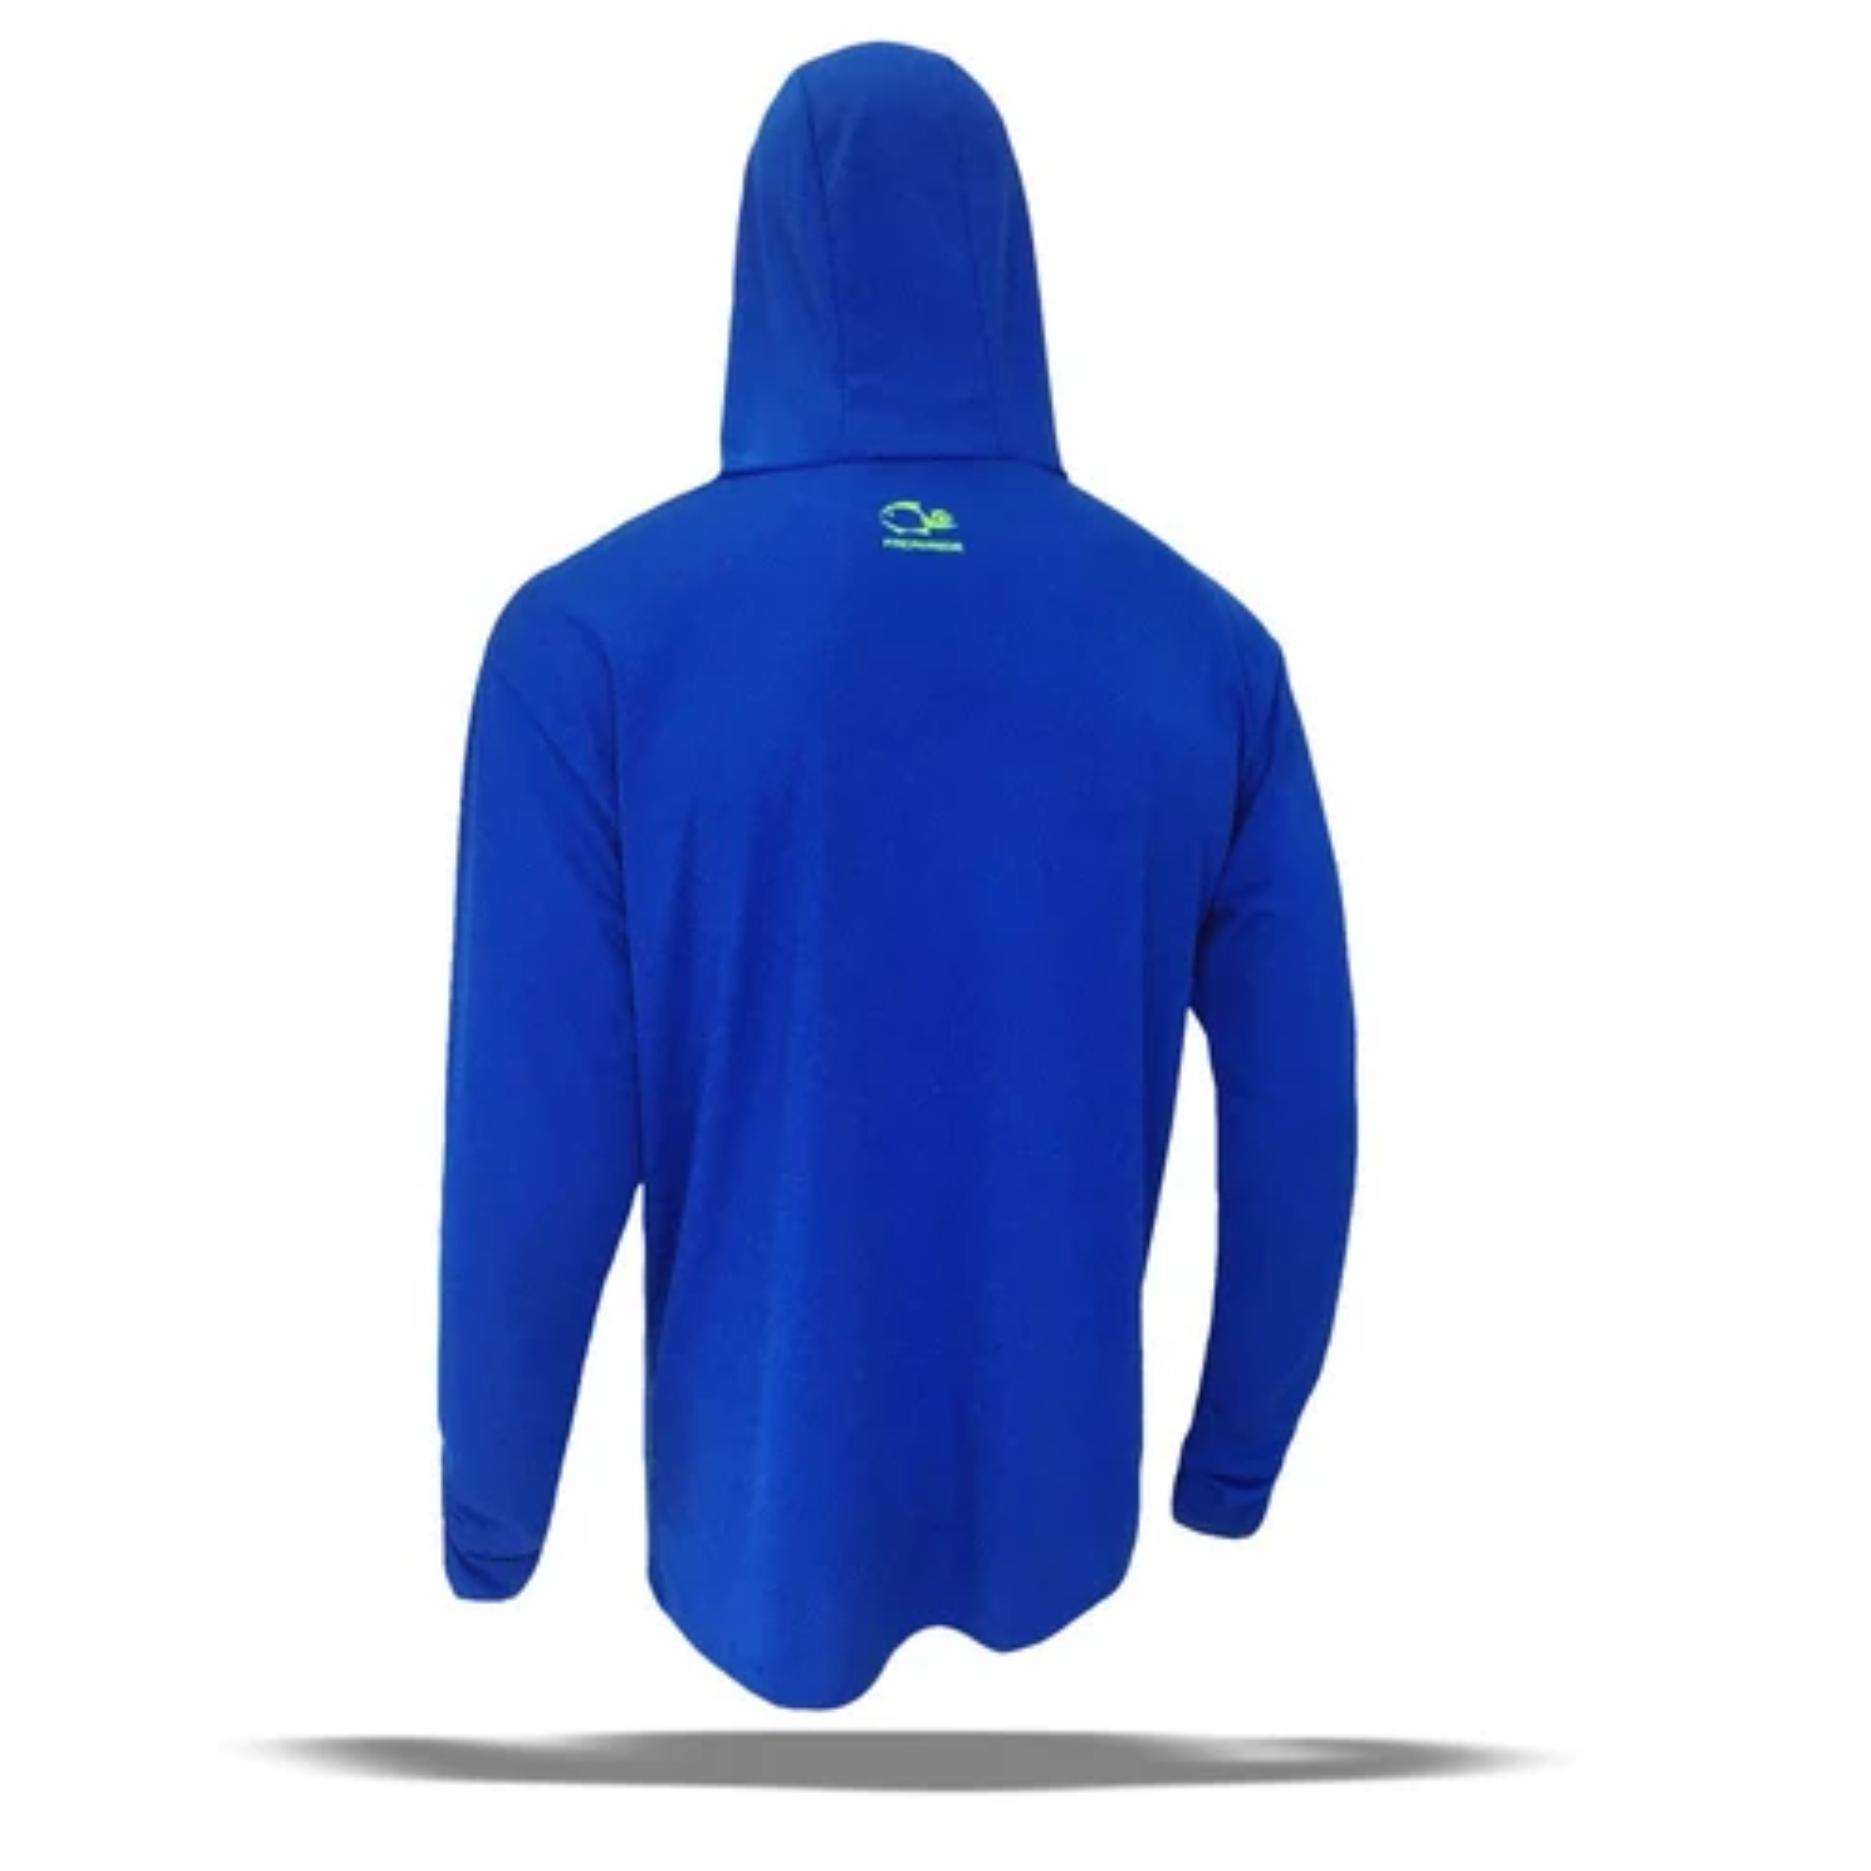 Camisa Faca na Rede Next Azul Royal  - Pesca Adventure